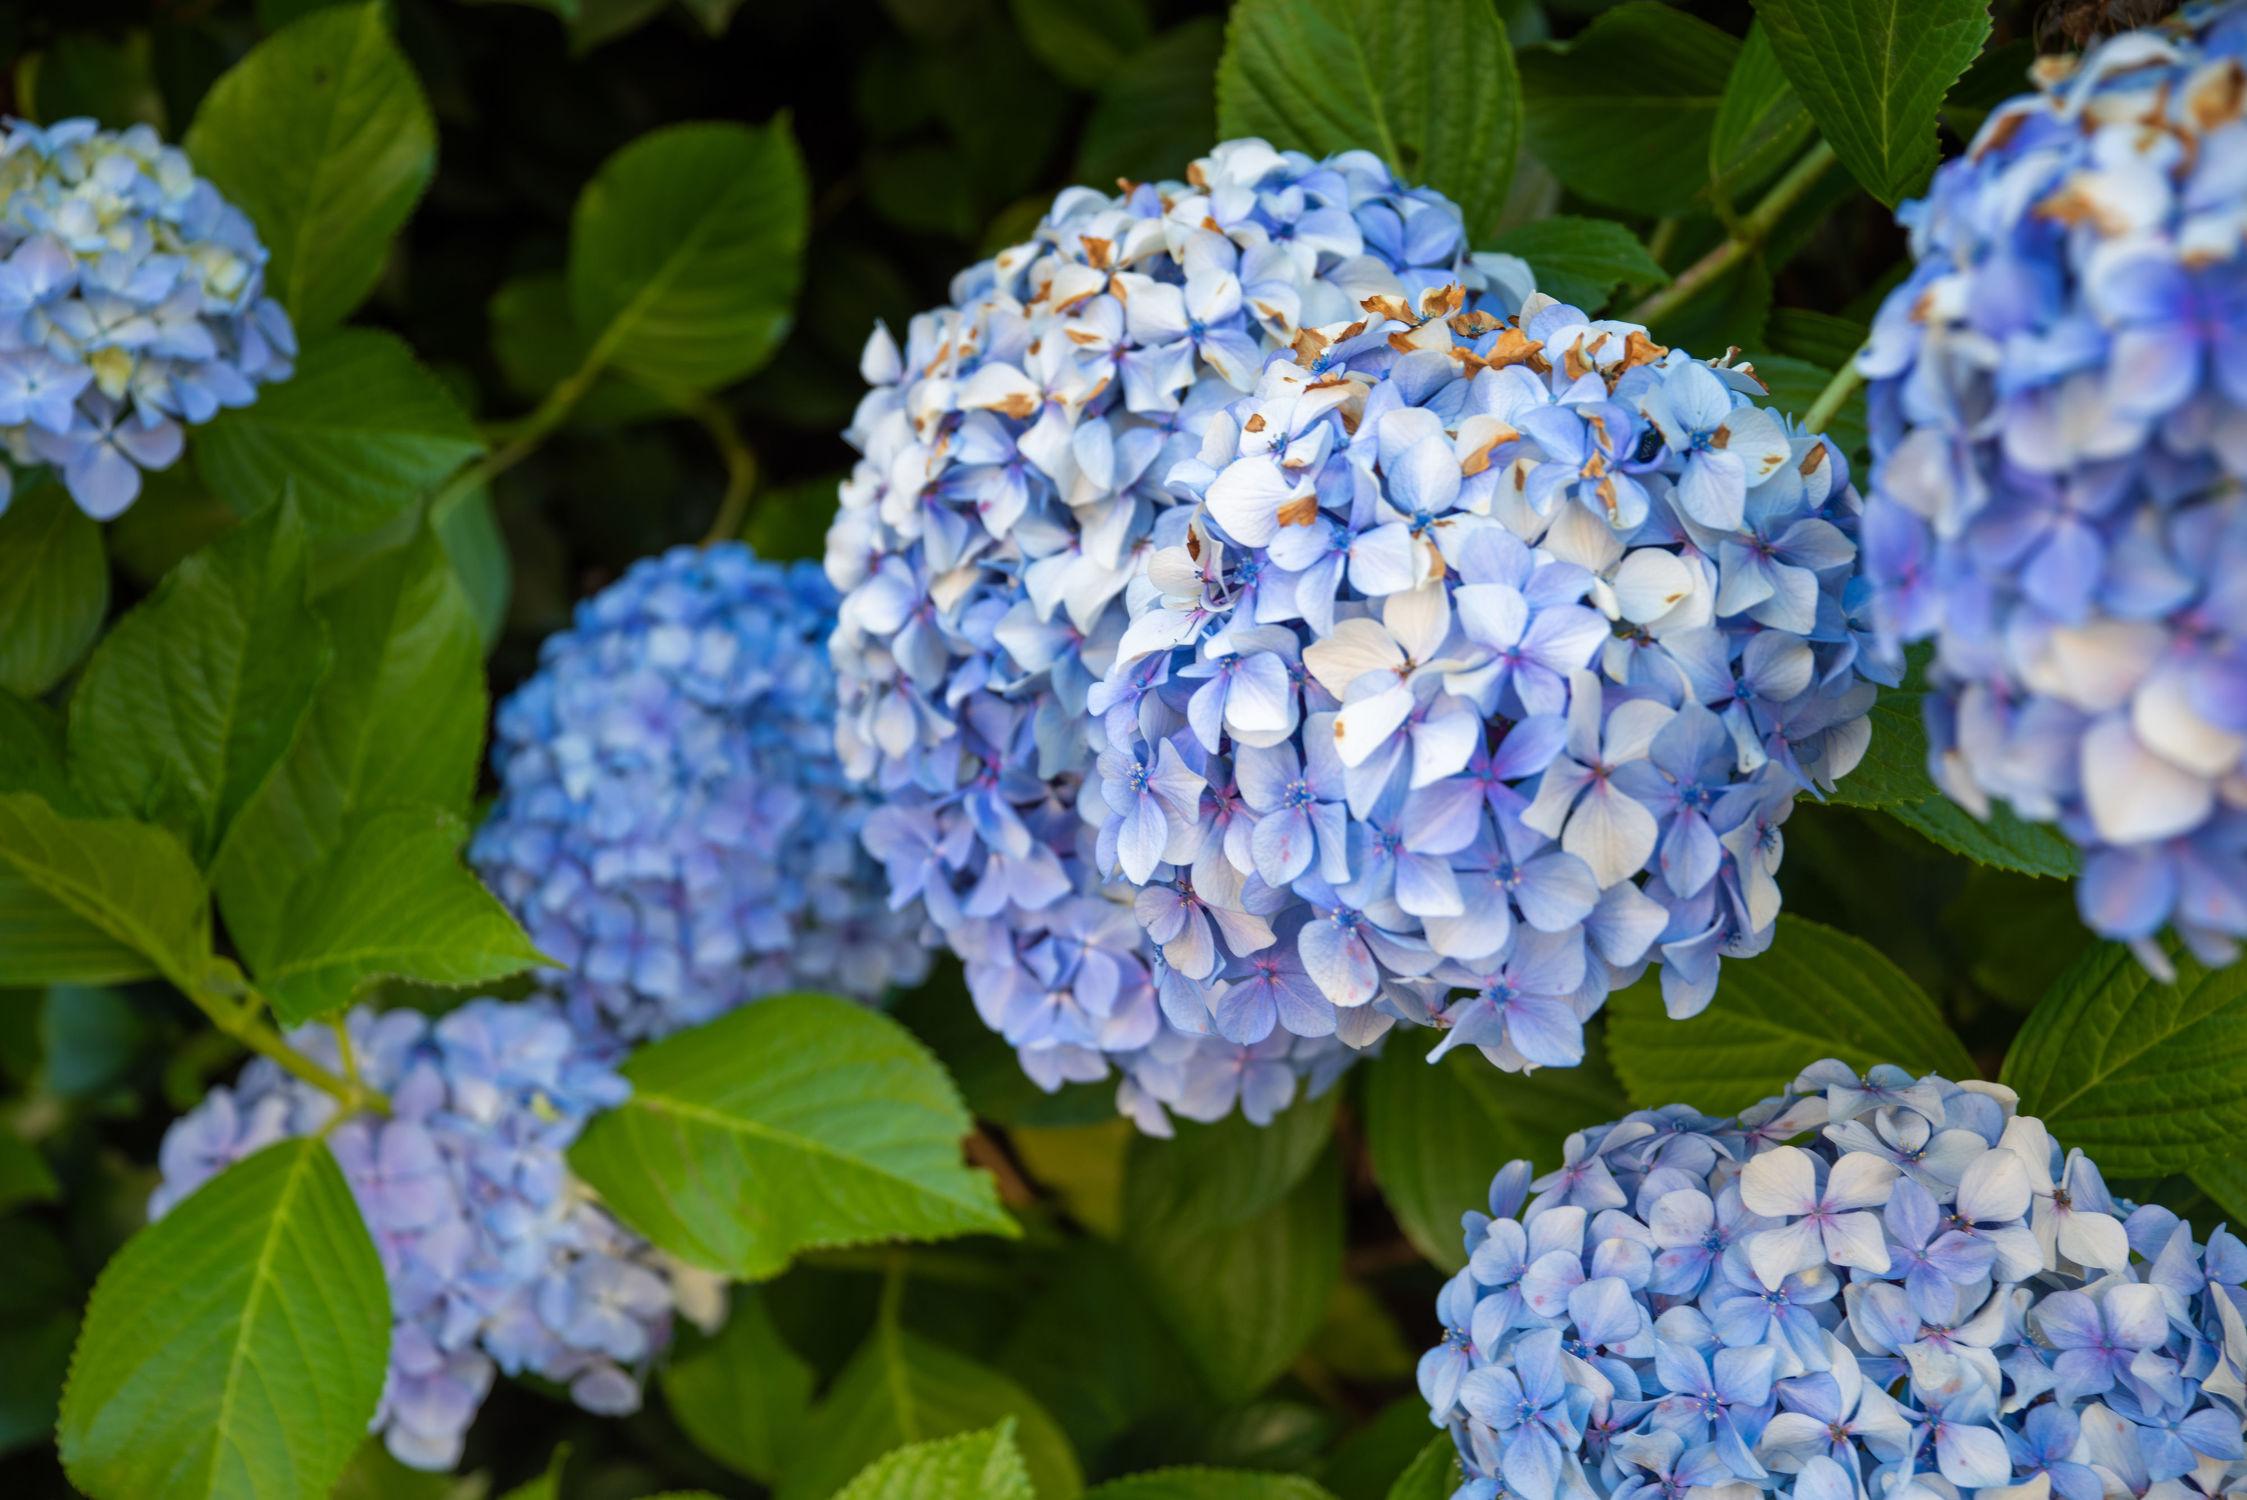 Bild mit Natur, Jahreszeiten, Blumen, Blau, Sommer, Pflanze, garten, Hortensie, zierpflanzen